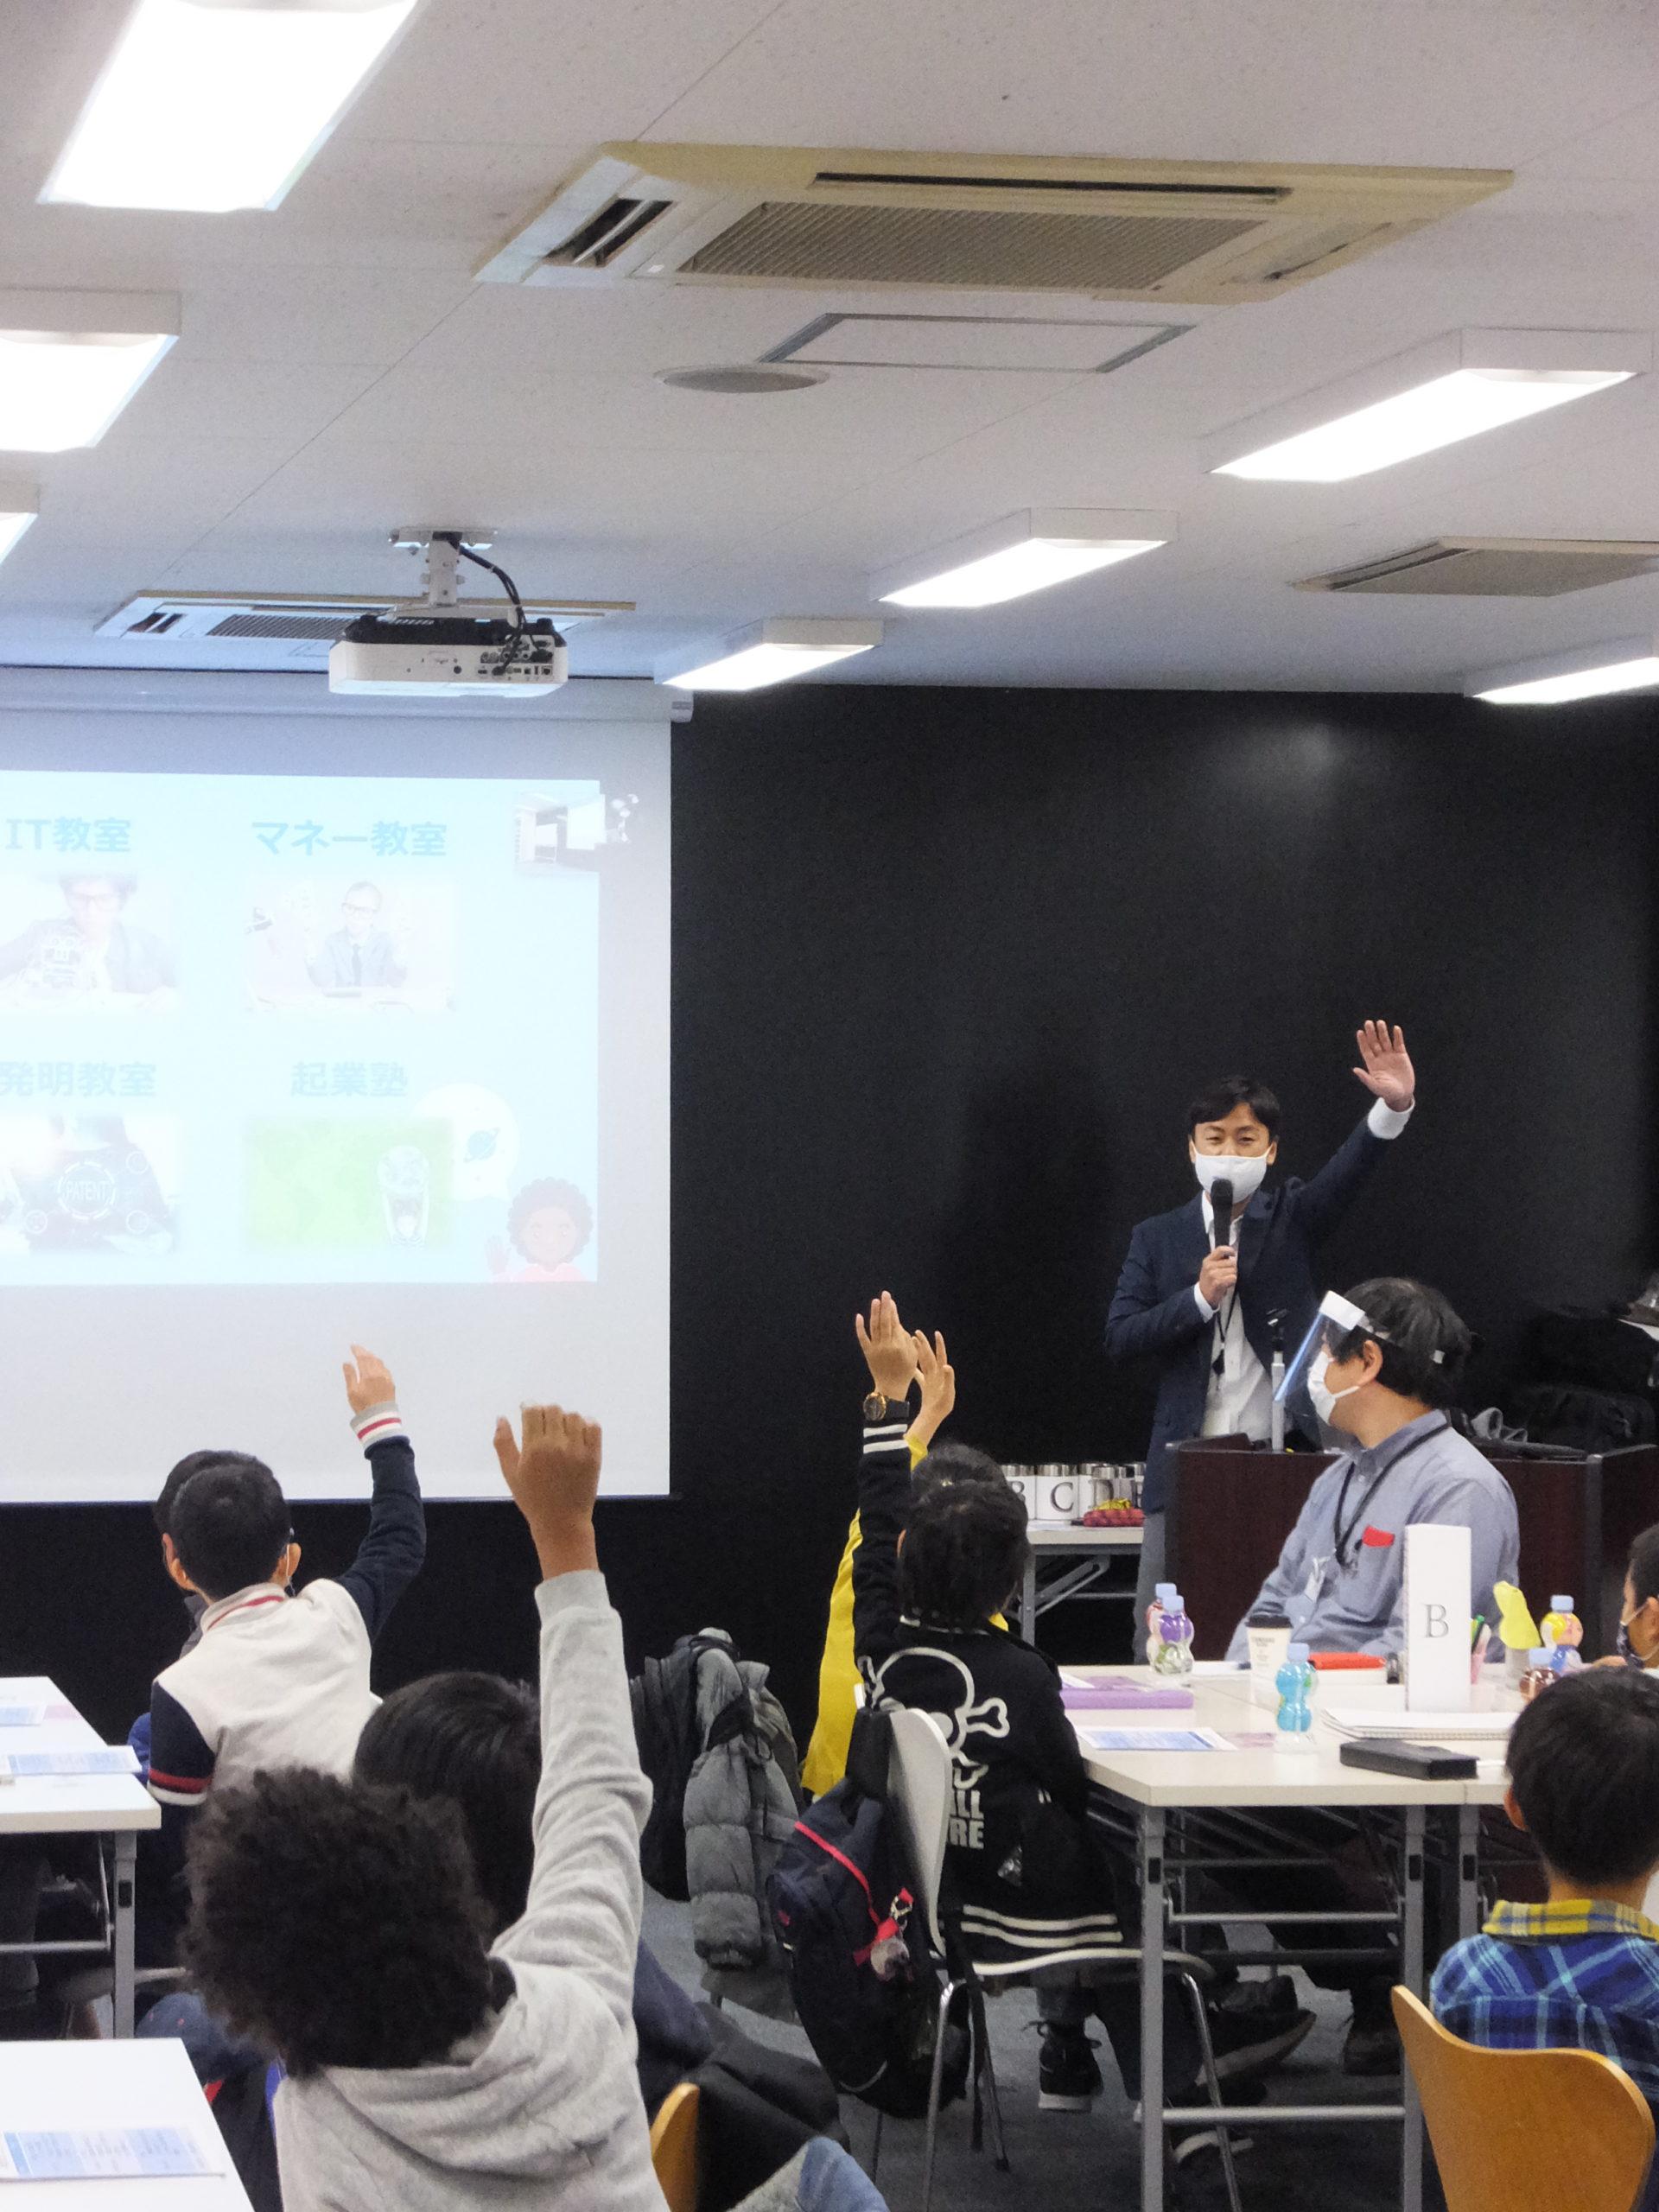 町田市新産業創造センターの北川氏の講義